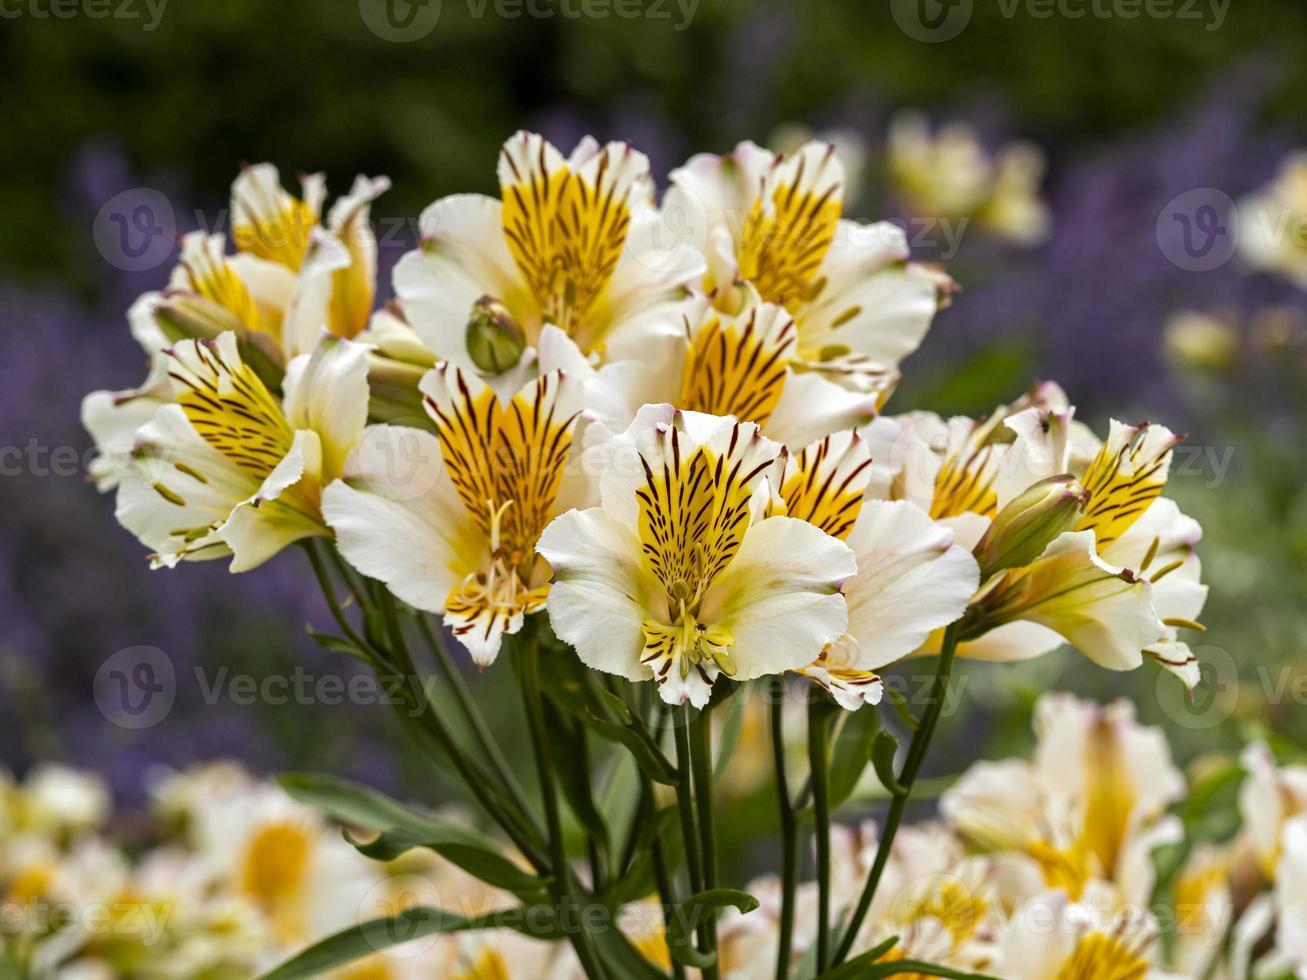 lirios peruanos de alstroemeria blanco y amarillo foto